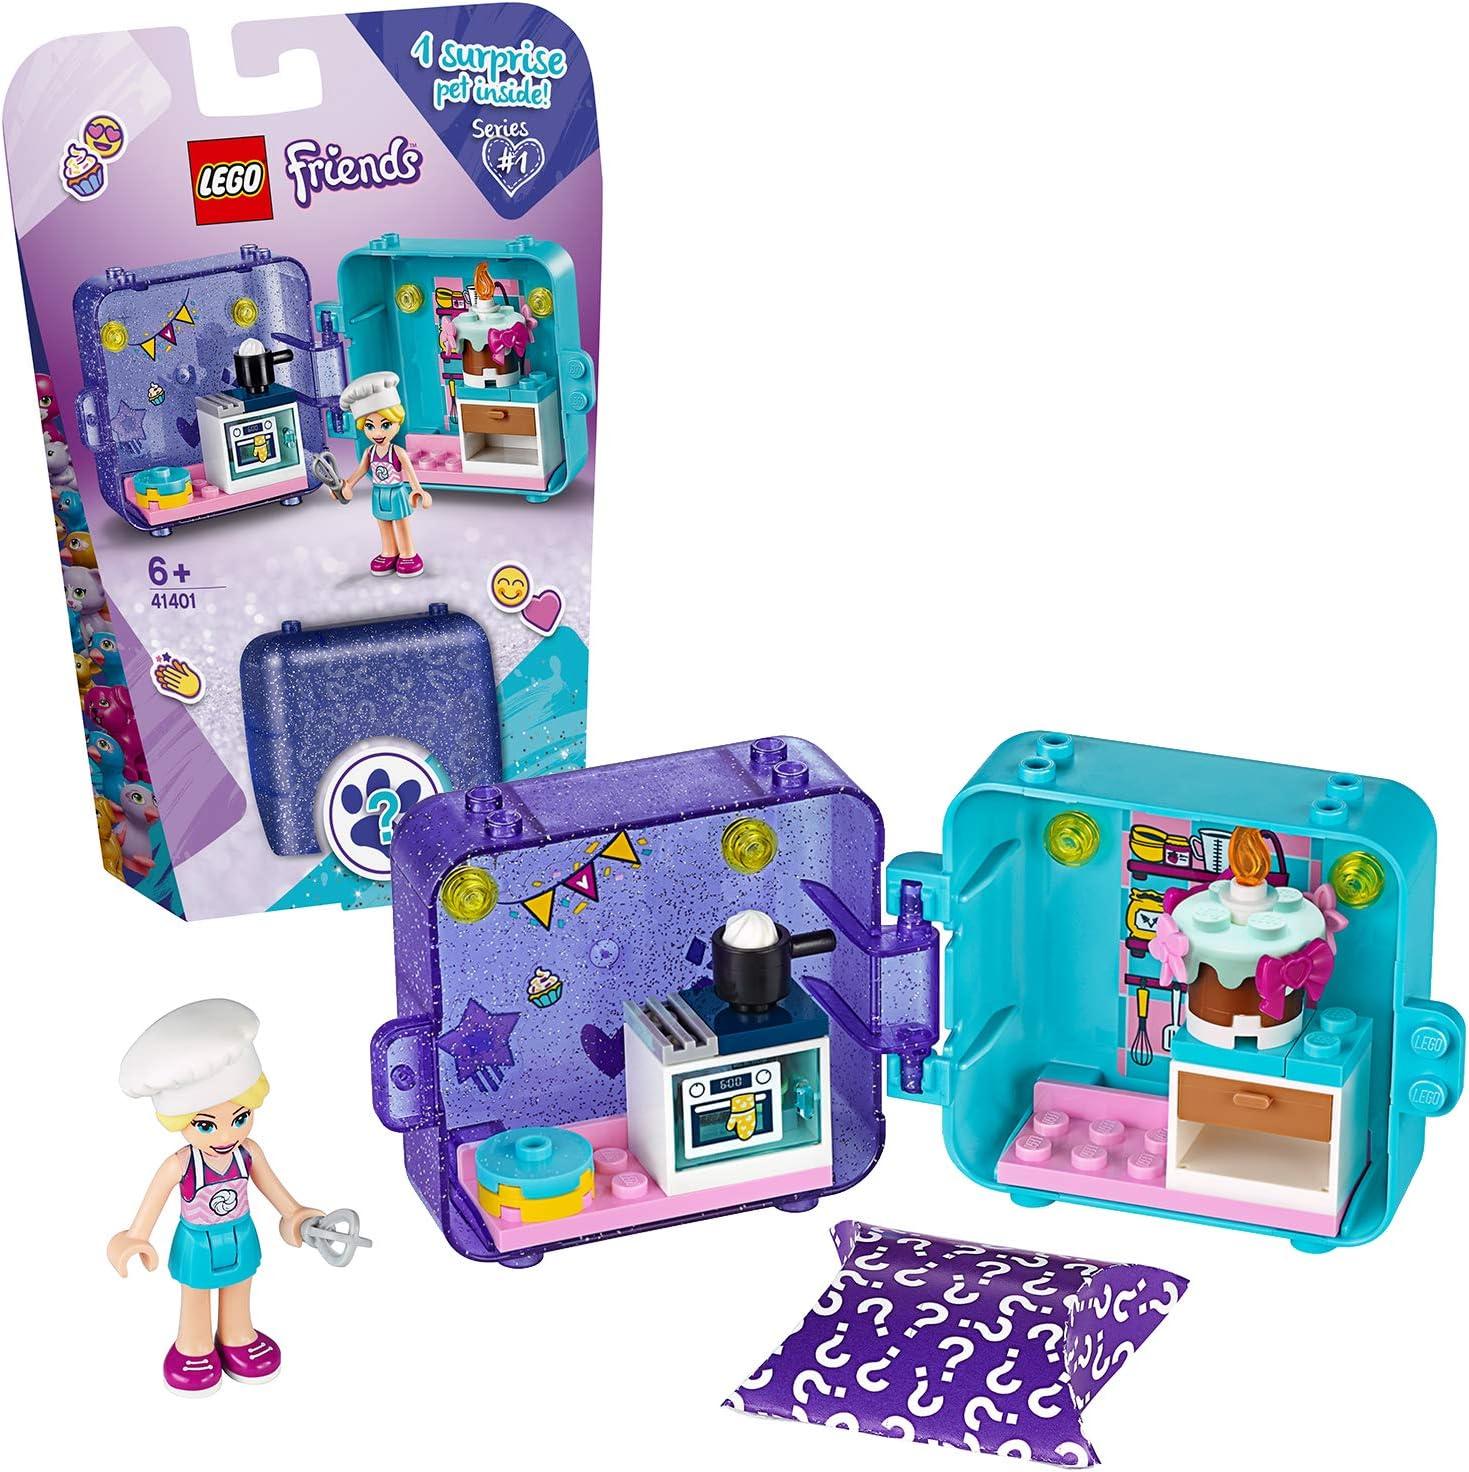 LEGO Friends - Cubo de Juegos de Stephanie, Caja de Juguete con Accesorios y Mini Muñeca de Stephanie, Set Recomendado a Partir de 6 Años (41401): Amazon.es: Juguetes y juegos